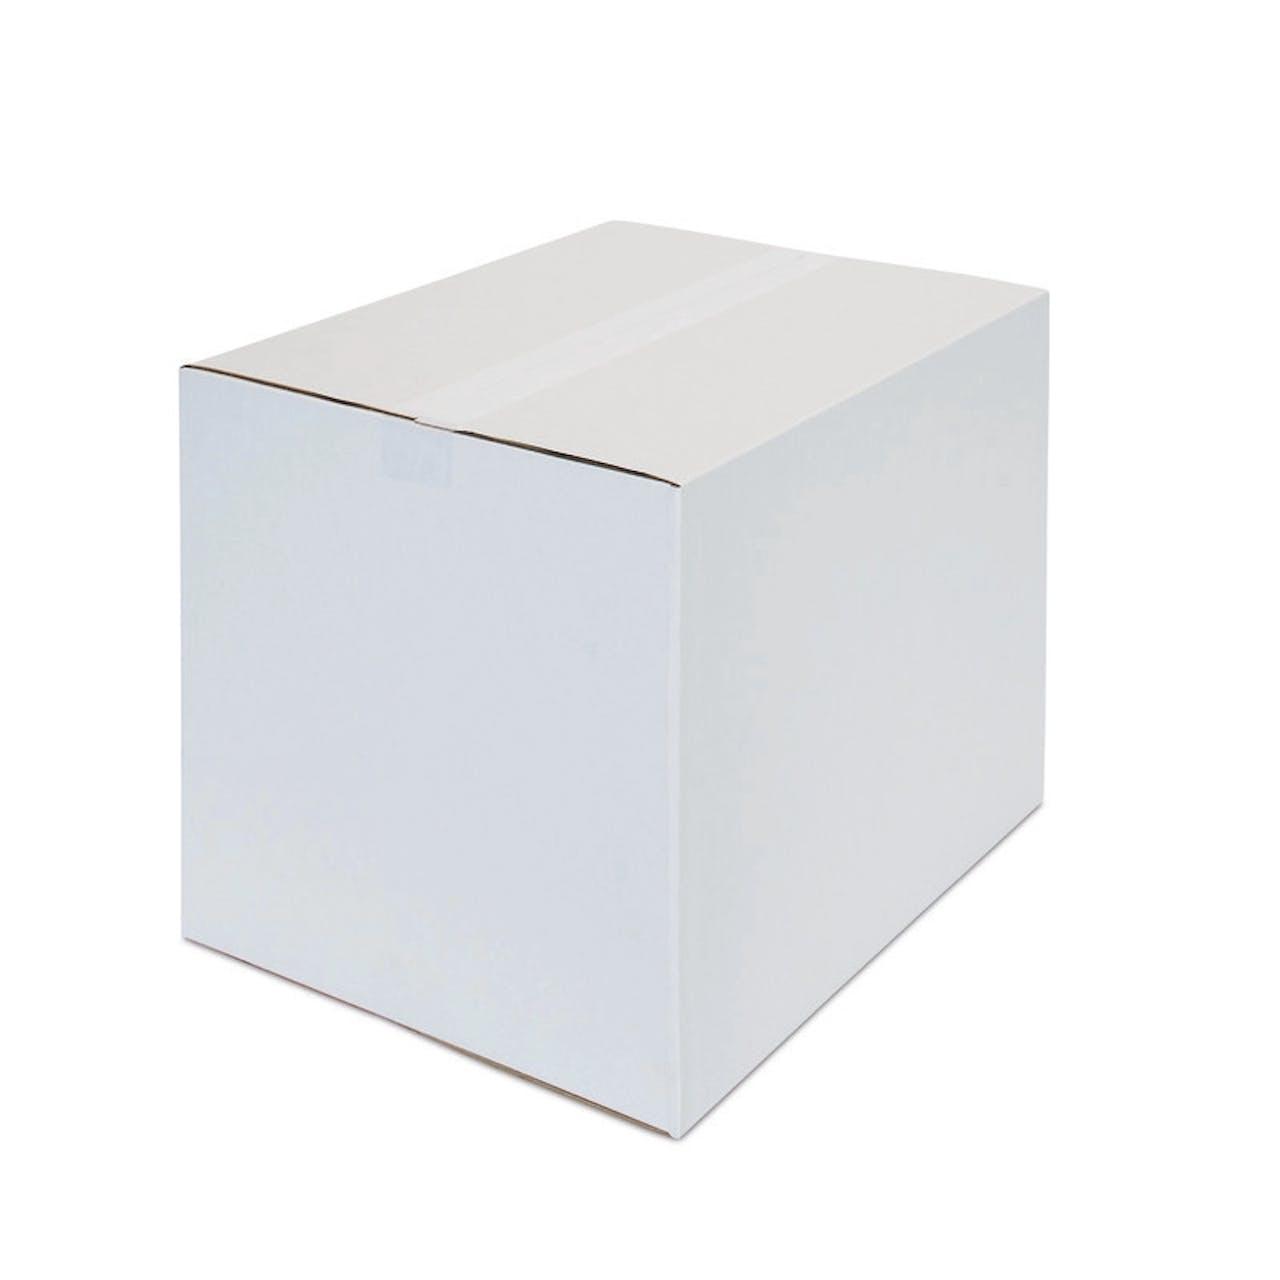 Caisses carton ondulé pliantes ECONOMY, blanches